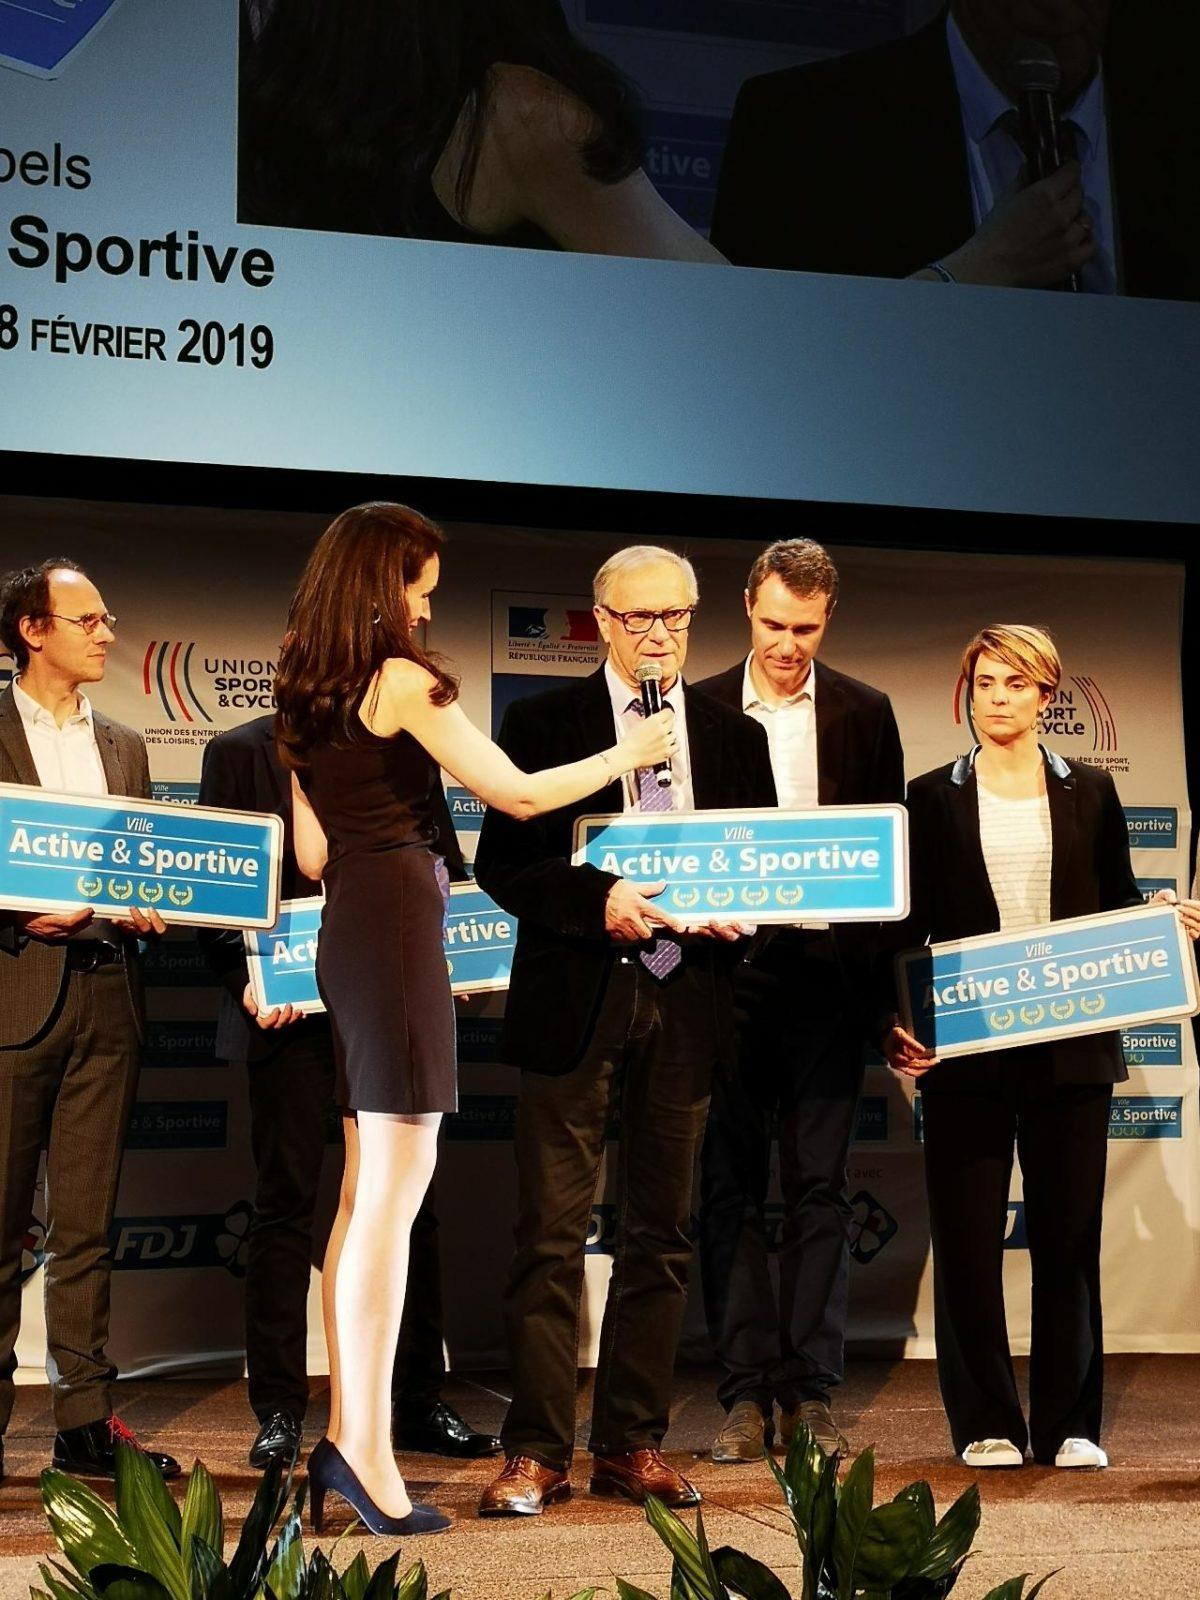 Pix : Ville Active & Sportive